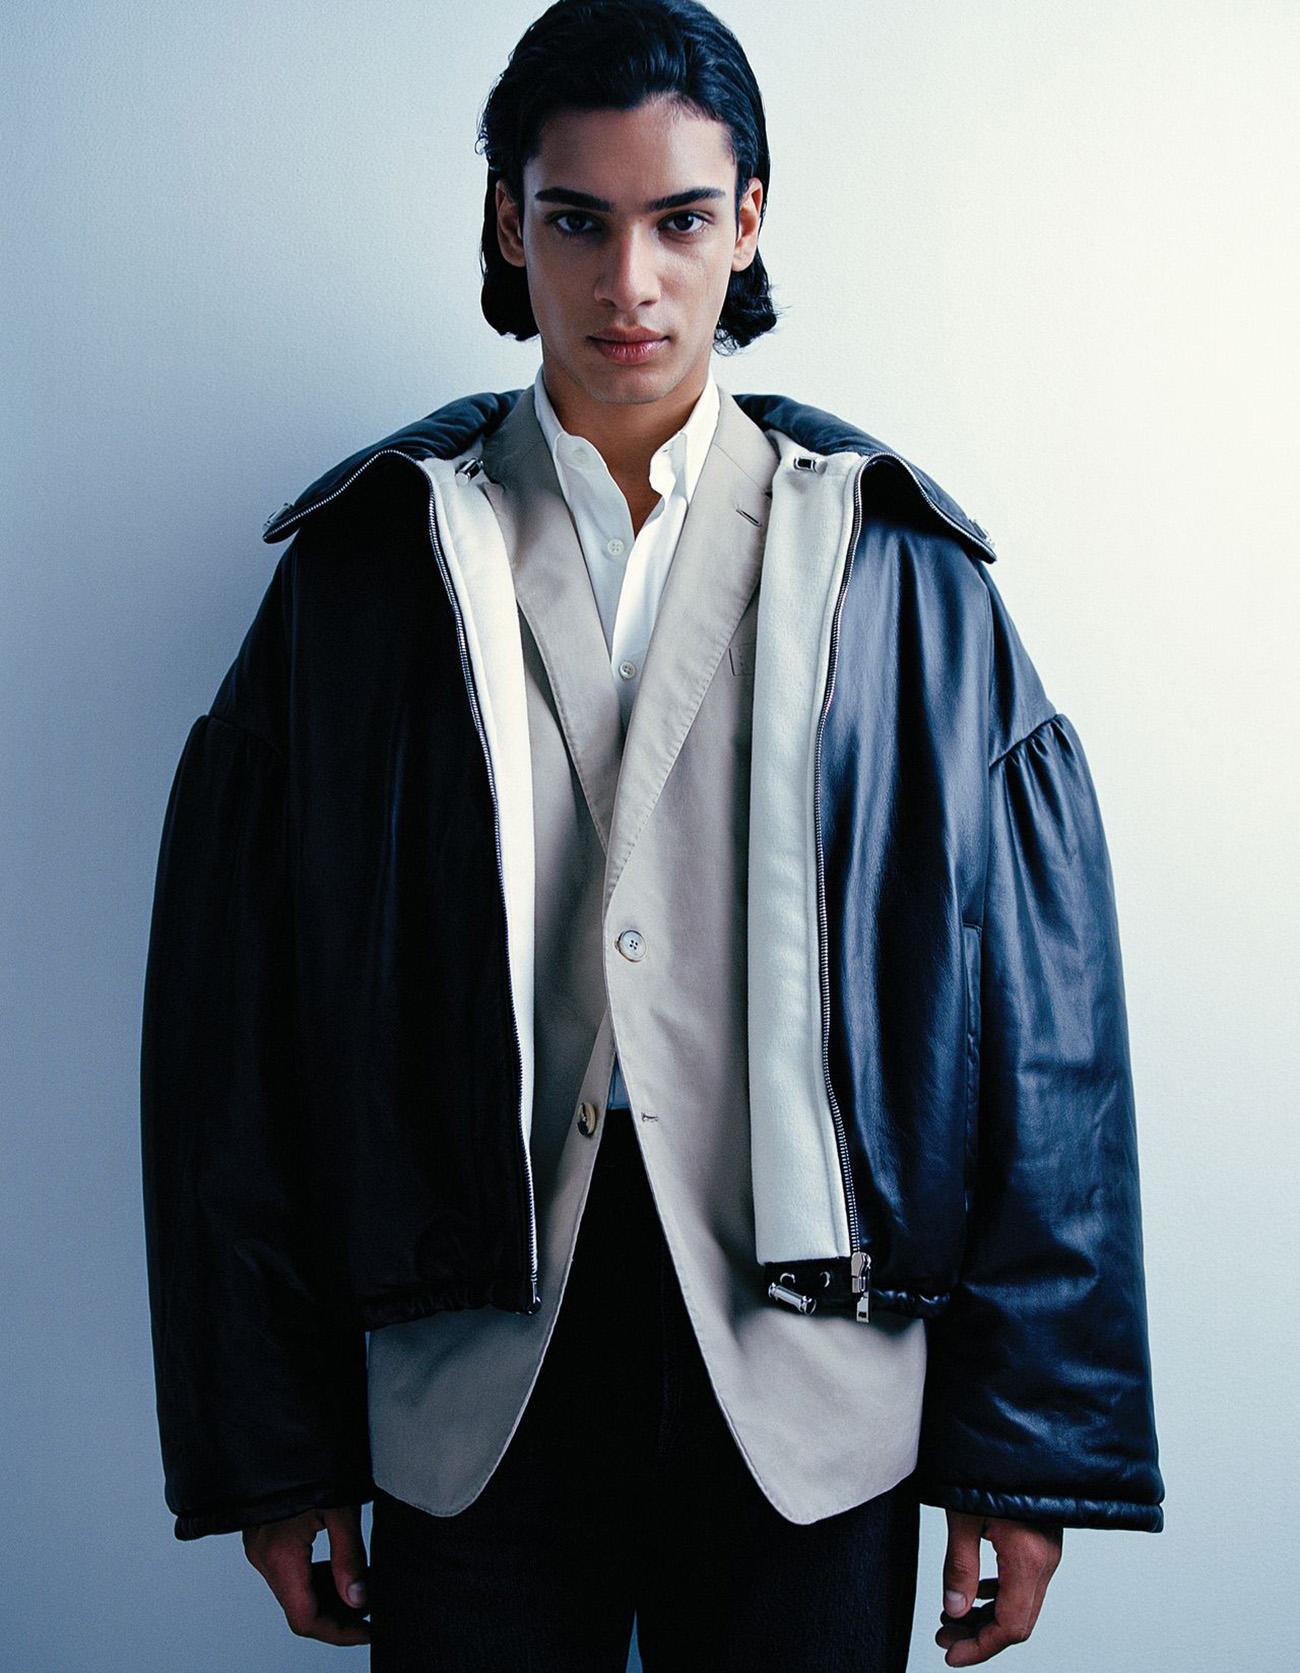 Mase Somanlall by Jon Ervin for WSJ. Magazine Fall 2021 Men's Style